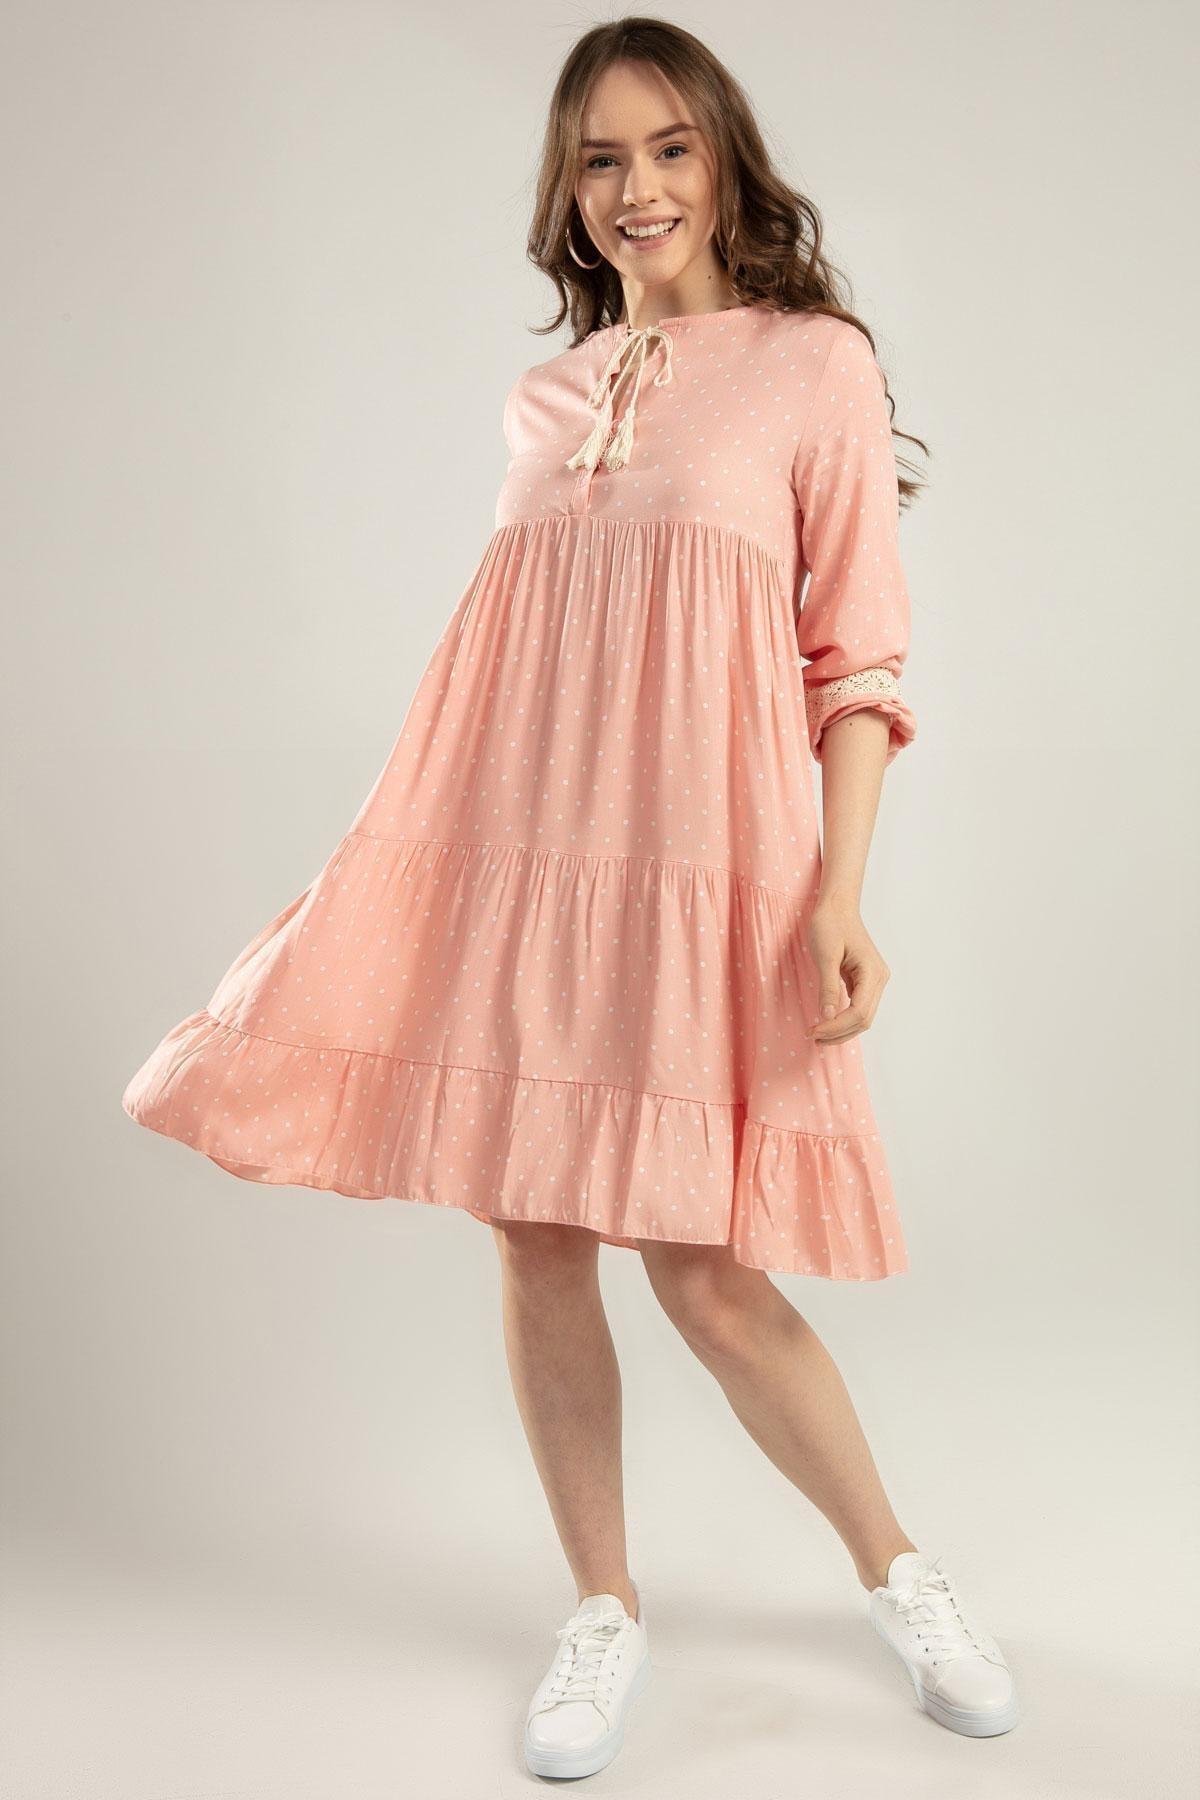 Pattaya Kadın Puantiyeli Dantel Detaylı Elbise Y20s110-1637 1